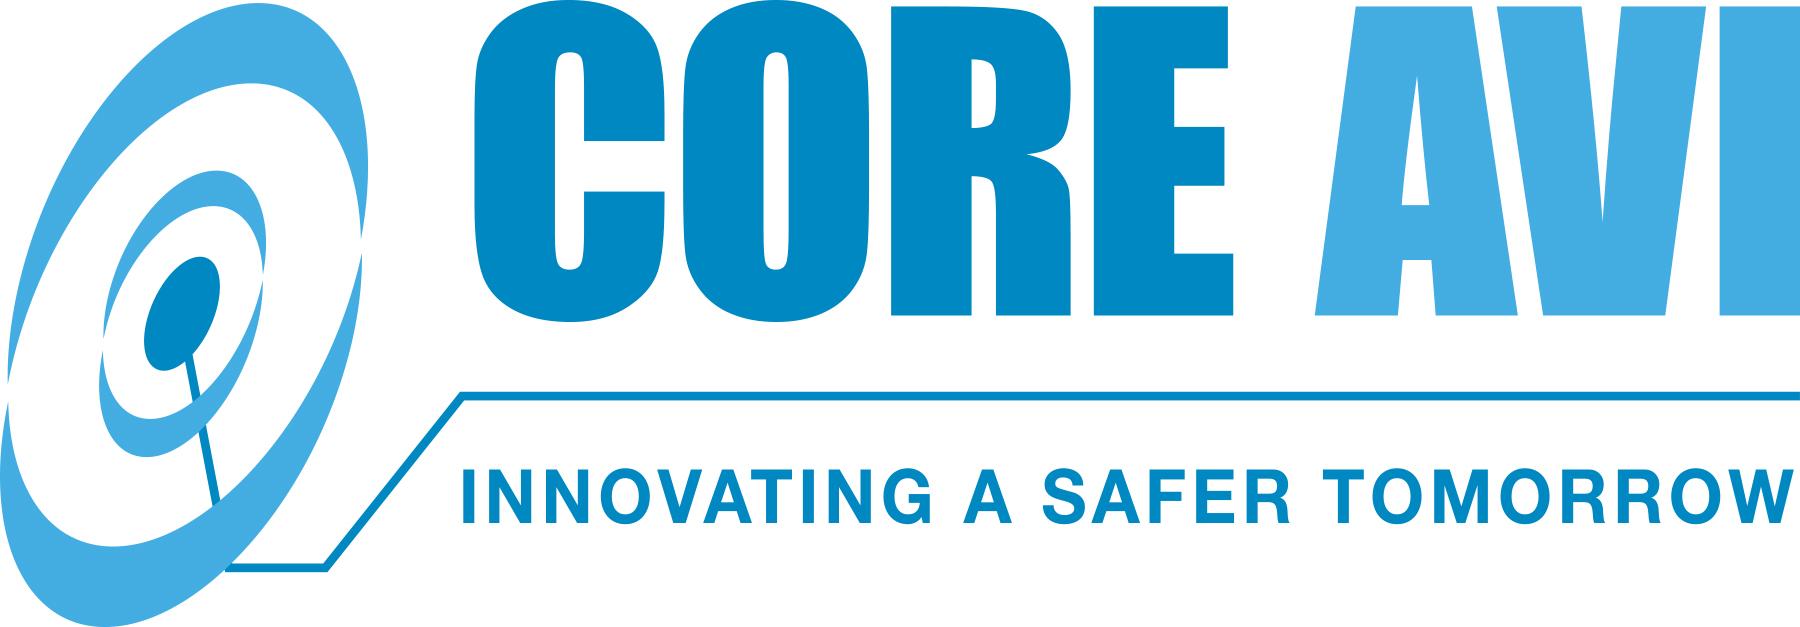 Die Safe AI and Computer Vision Solution erreicht die strengsten Sicherheitszertifizierungsstufen.